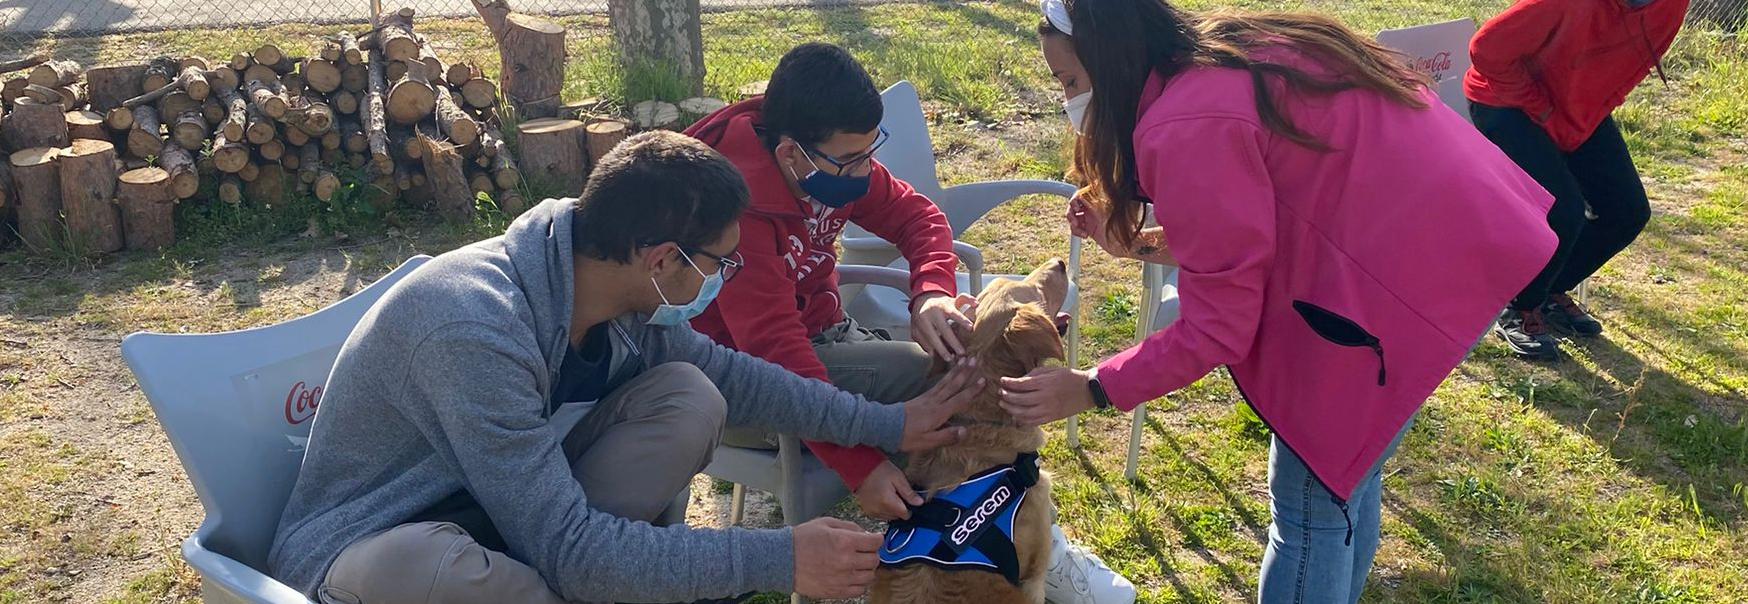 Comienza el curso de Canoterapia, de la Fundación Deporte y Desafío, con el que serem colabora, un proyecto que utiliza un perro en las sesiones de terapia de personas con discapacidad